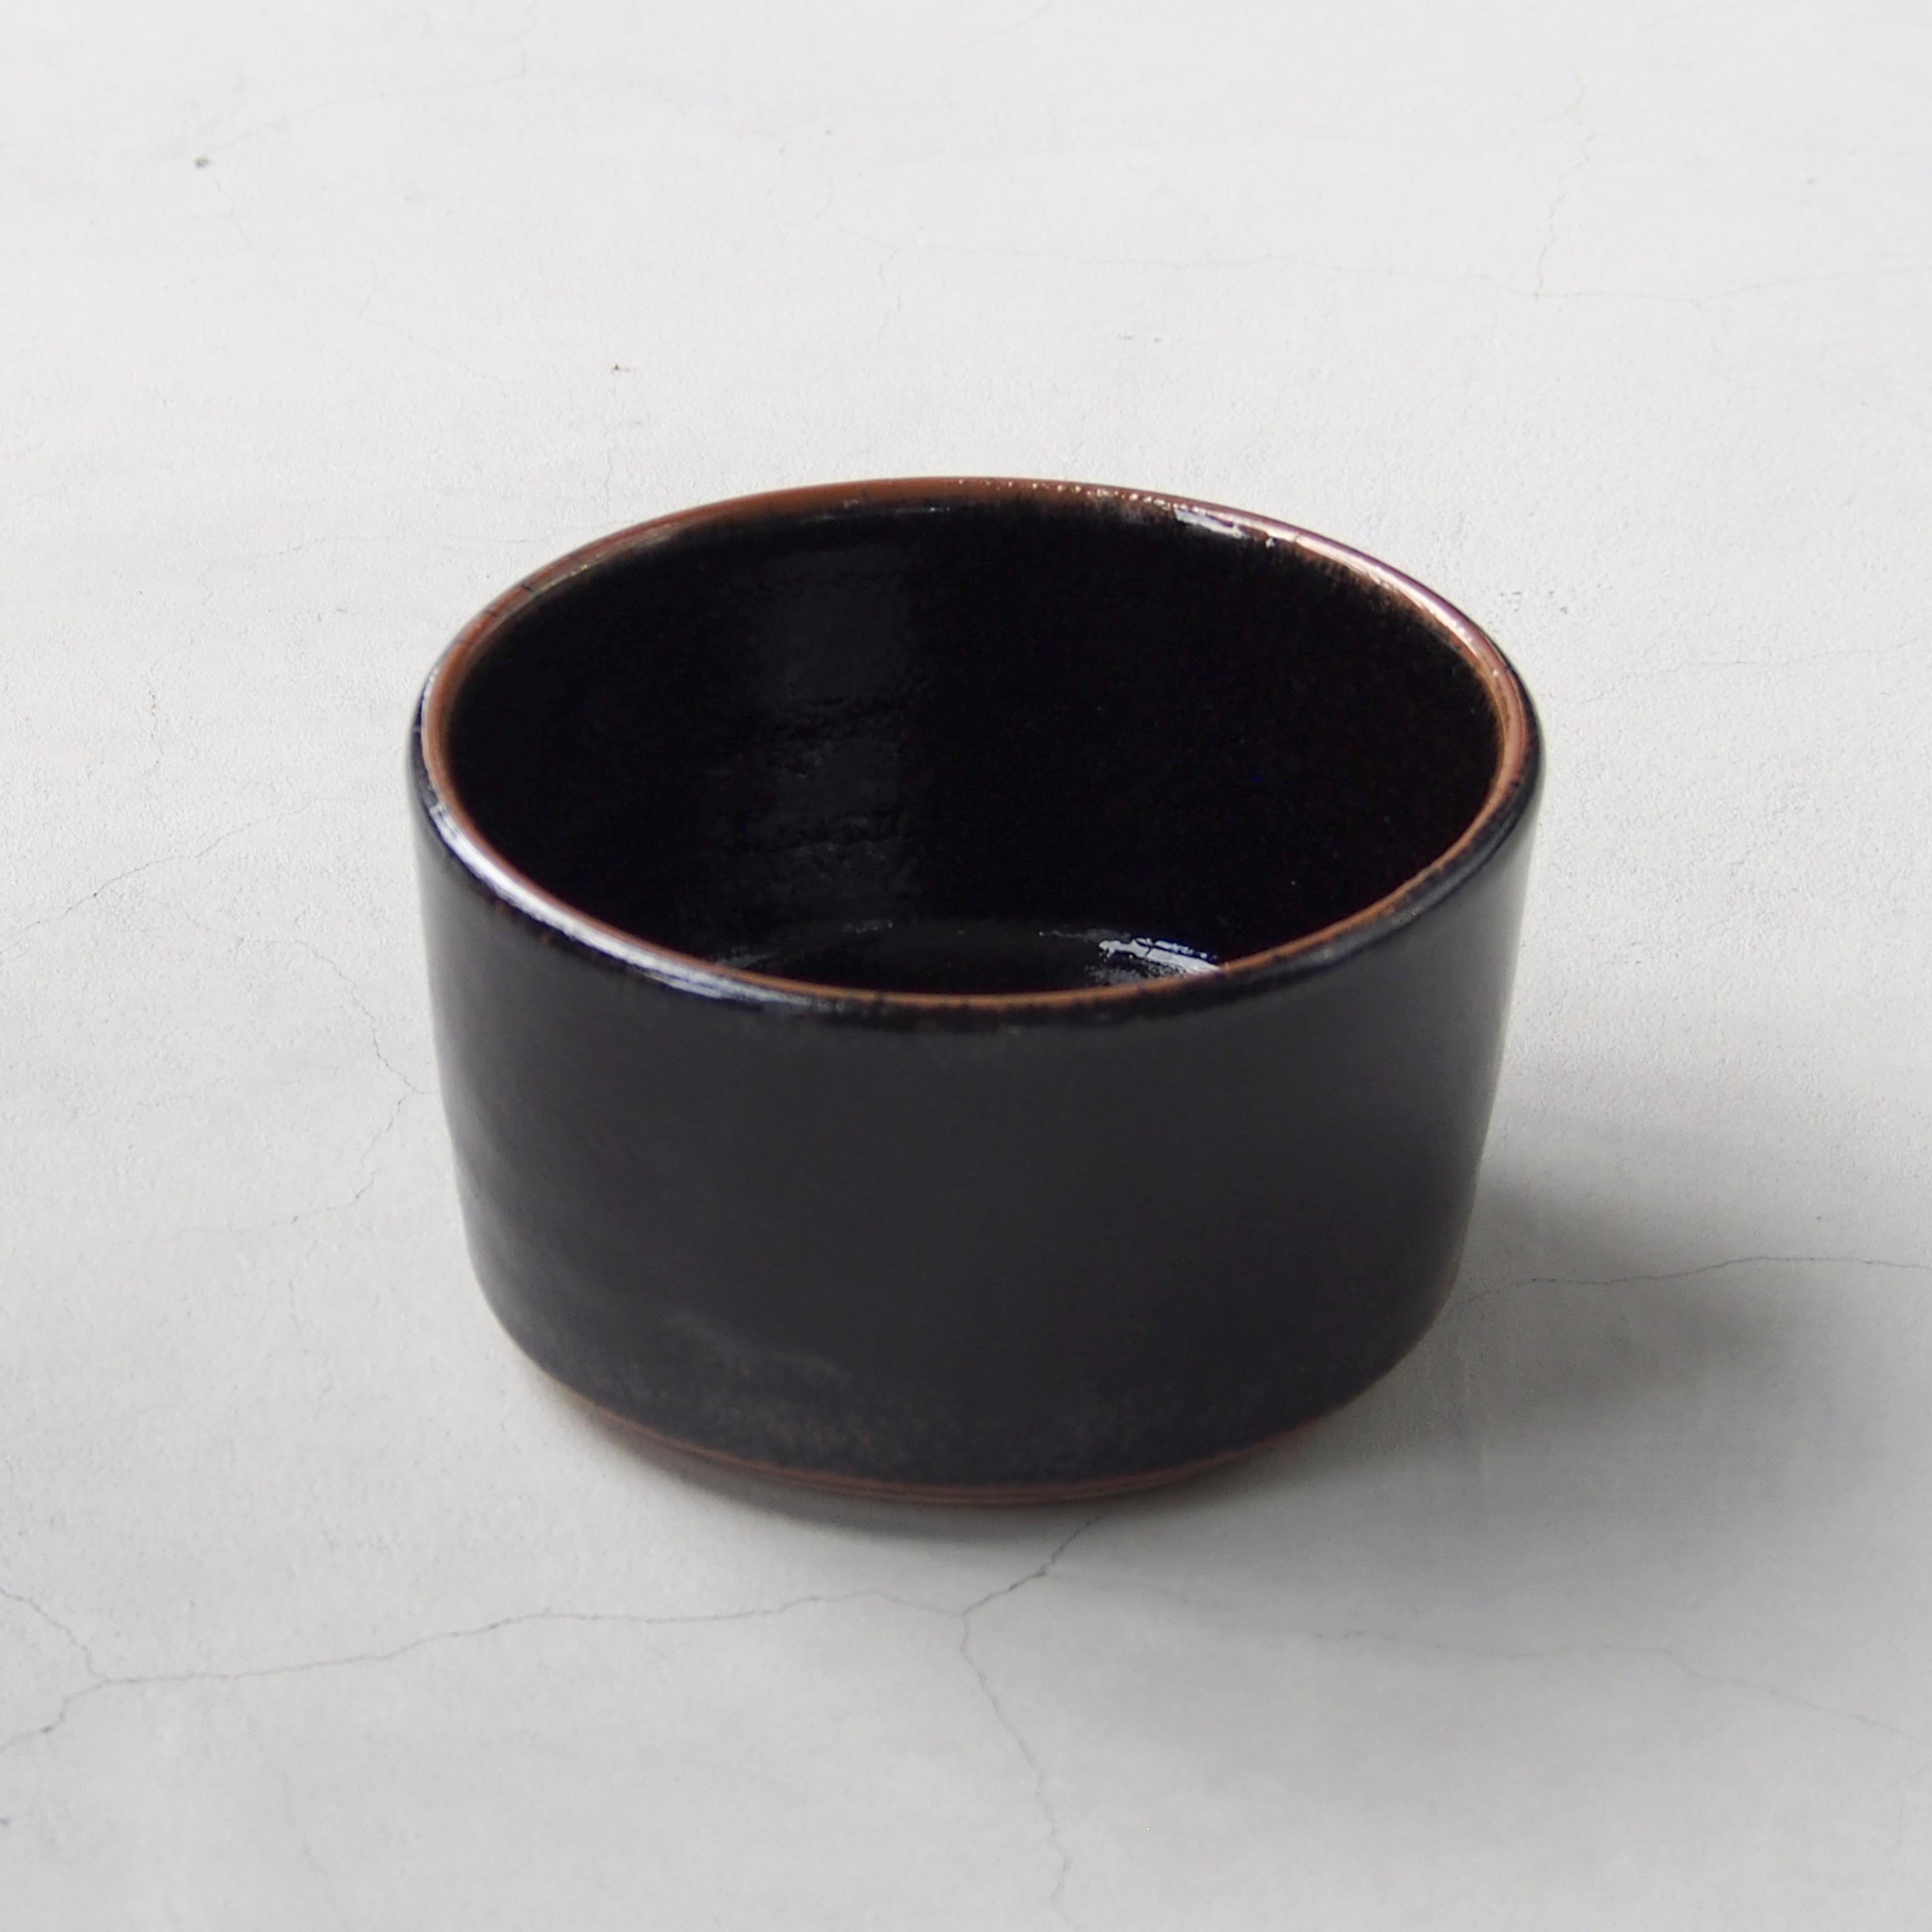 出西窯 深切立鉢5寸 黒